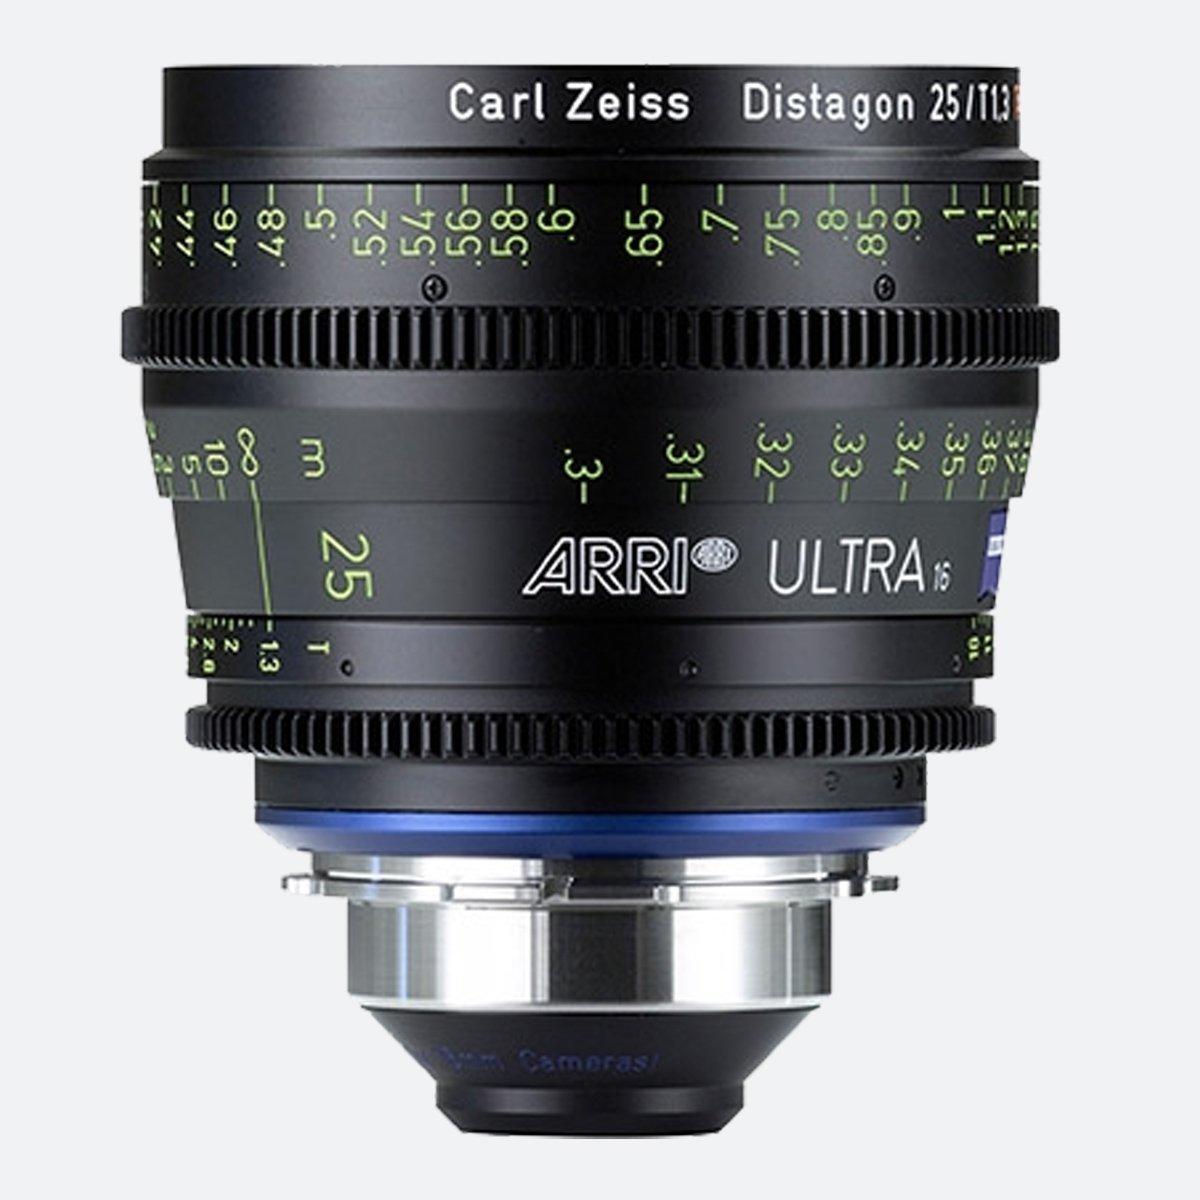 ARRI Ultra 16 T1.3 / 25 mm Prime Lens